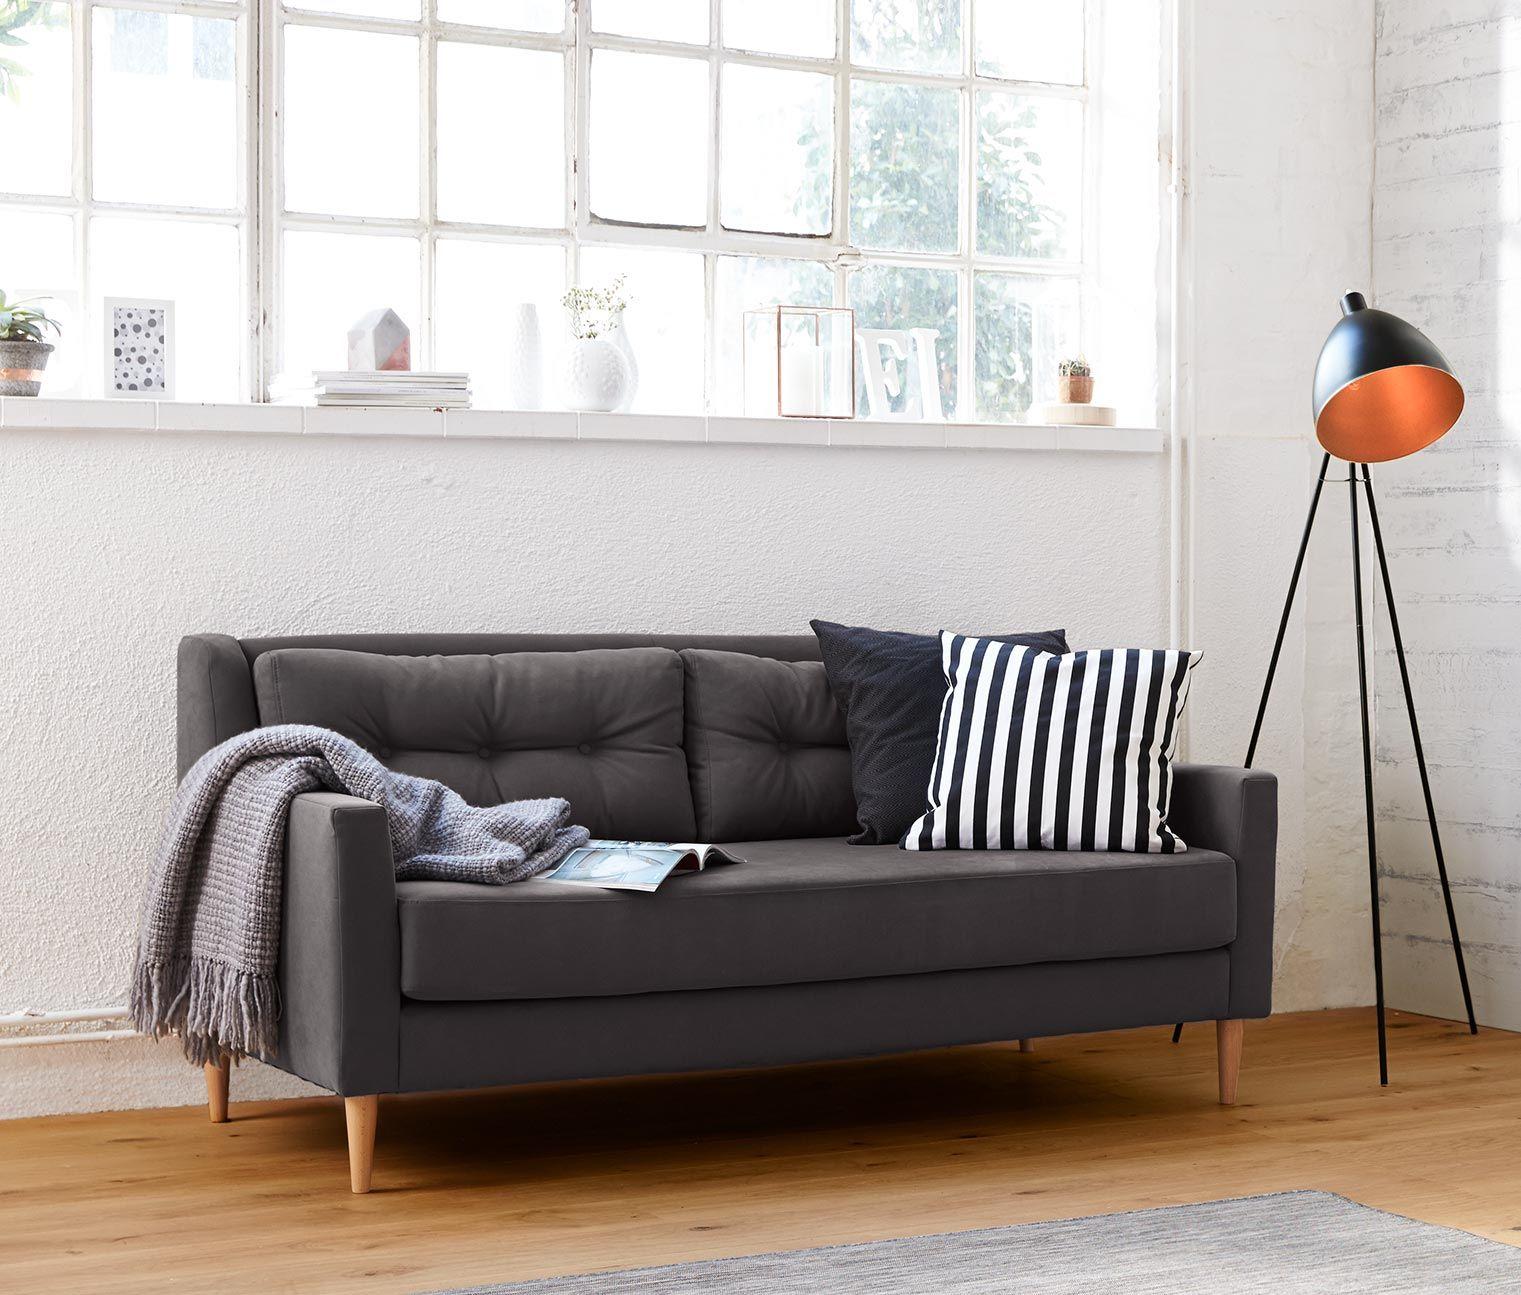 Tchibo Sofa sofa bestellen bei tchibo 316884 einrichtungsideen